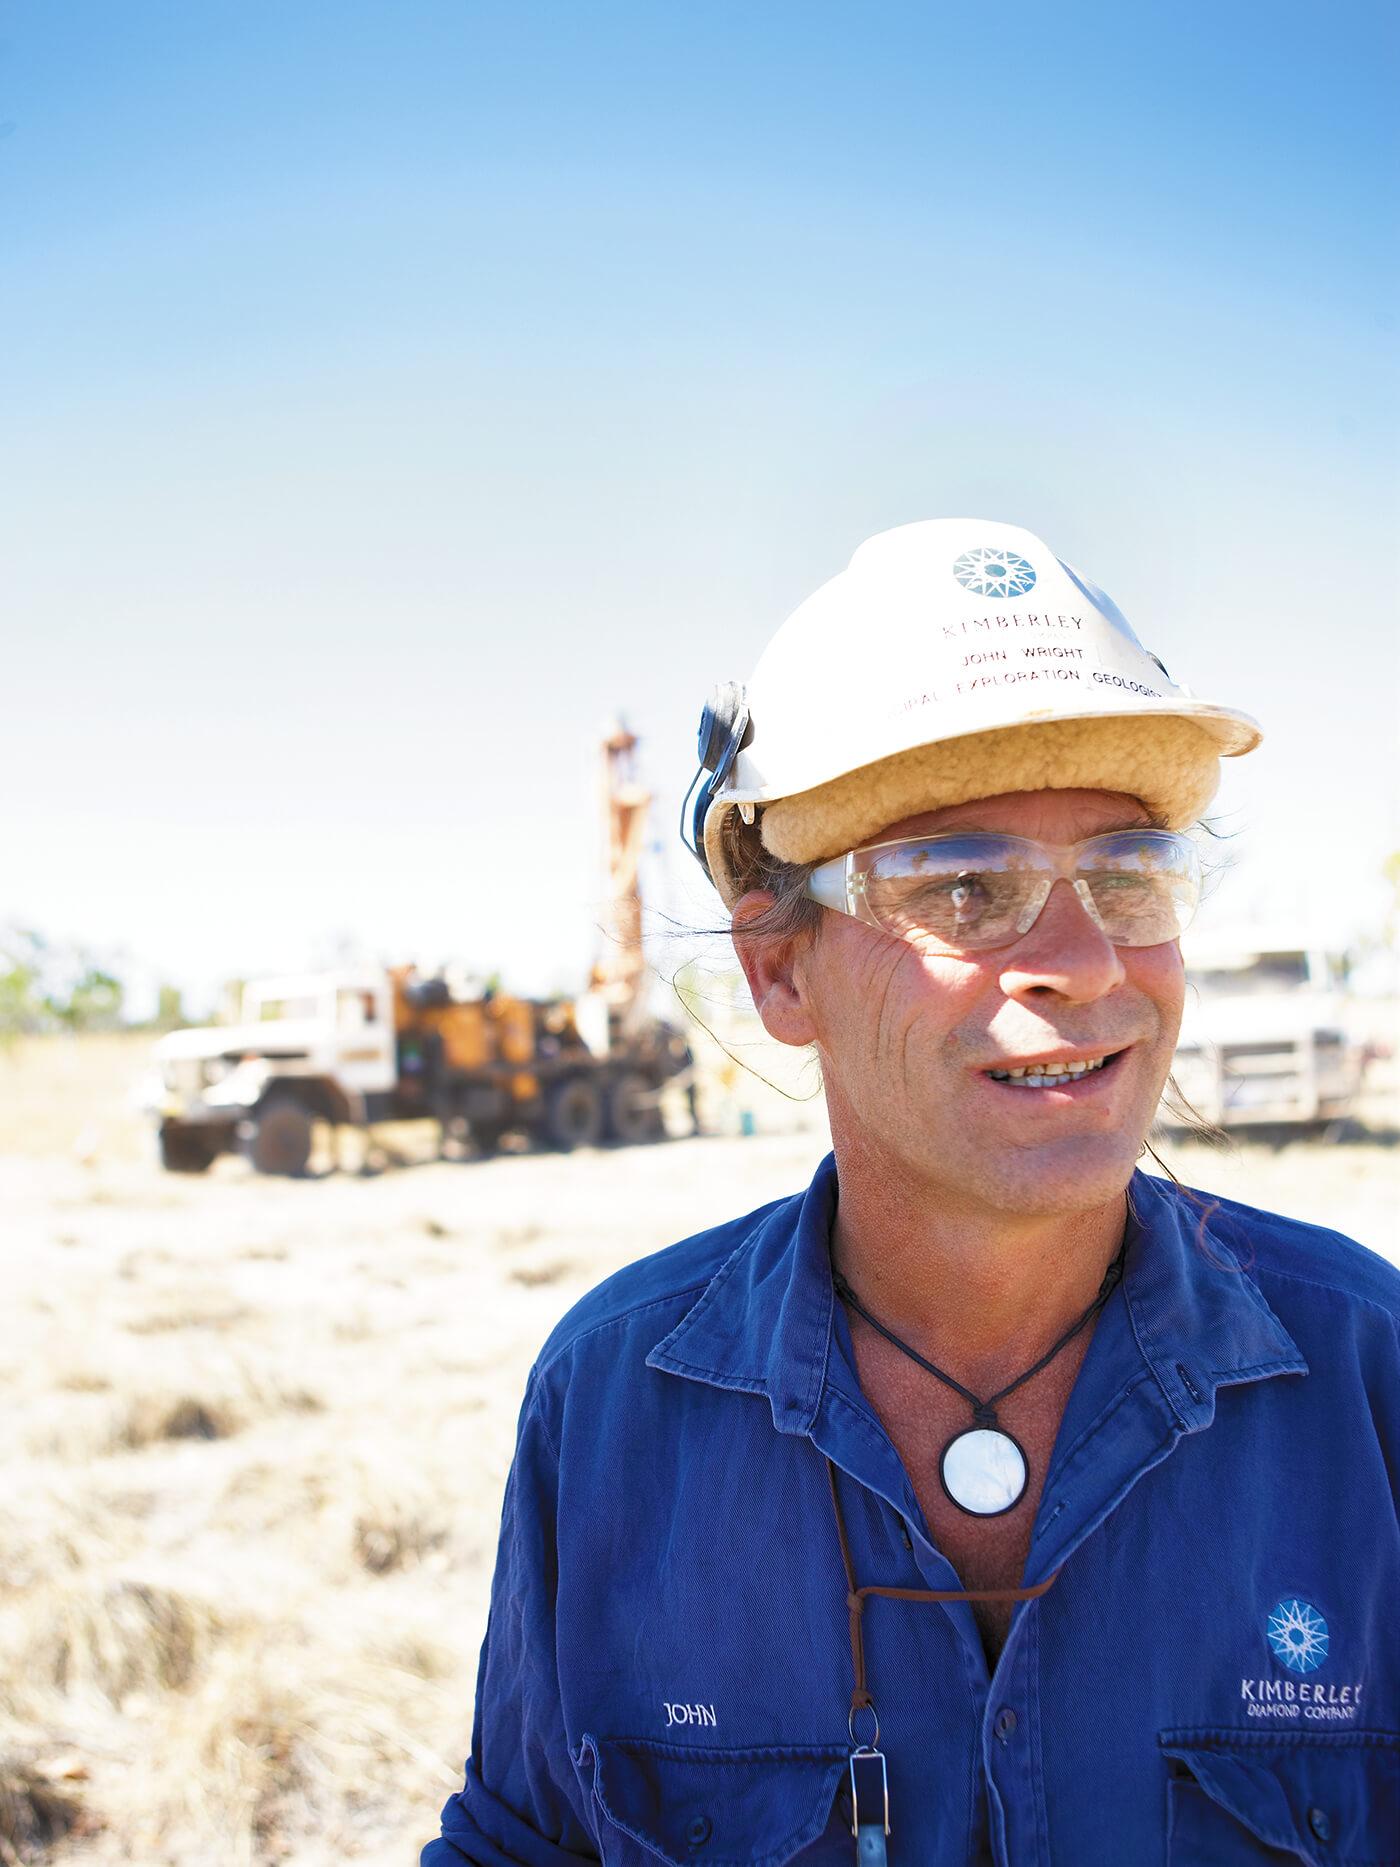 Kimberley-Diamonds-Rig-Operator